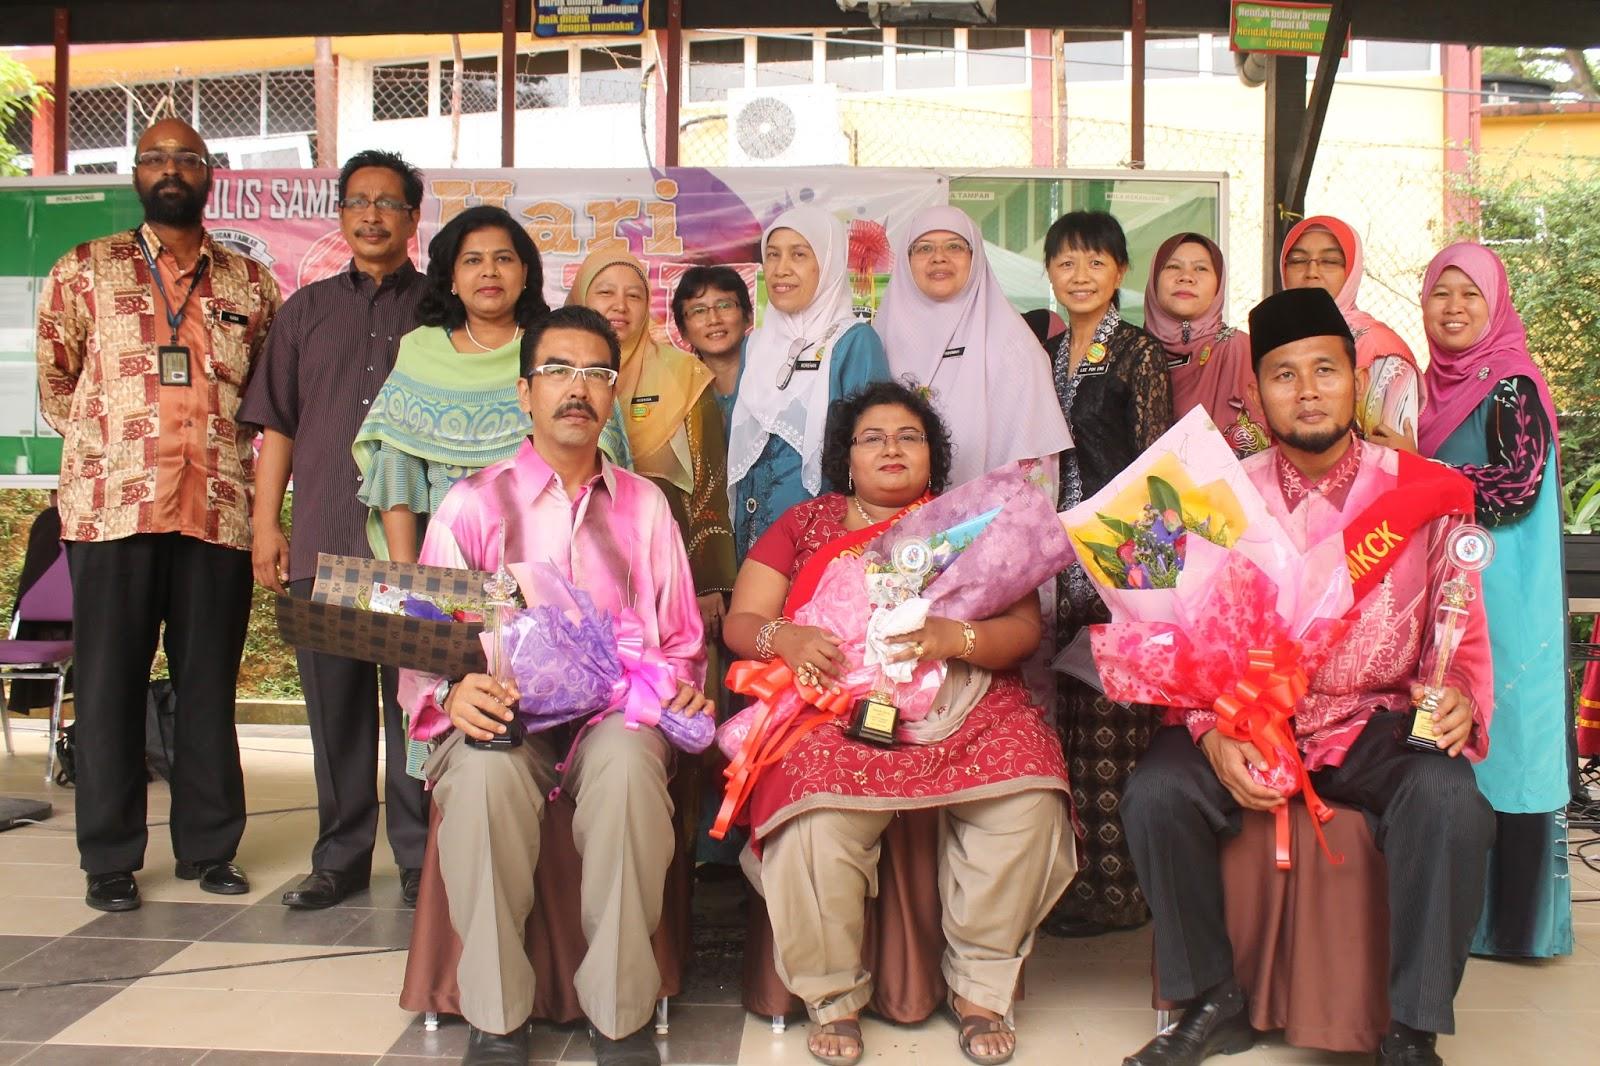 klang girls Shah alam local business - global network.